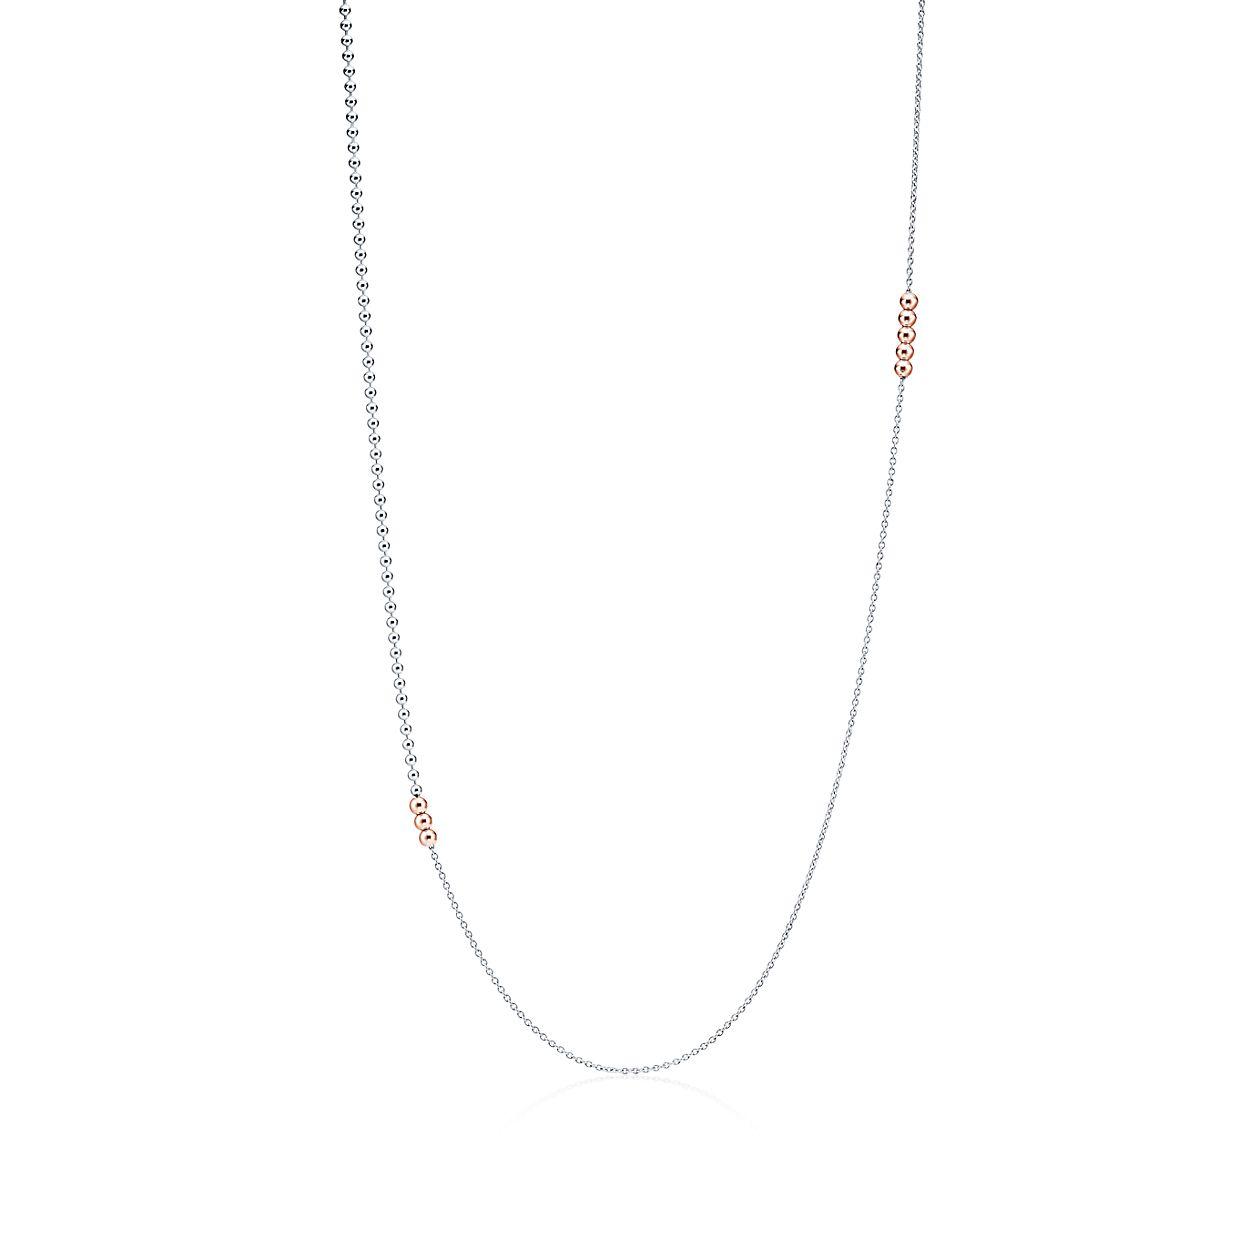 Chaîne De Perles Mixte En Argent Et Or Rose 18 Carats Tiffany & Co. ZGVFWFjAHn